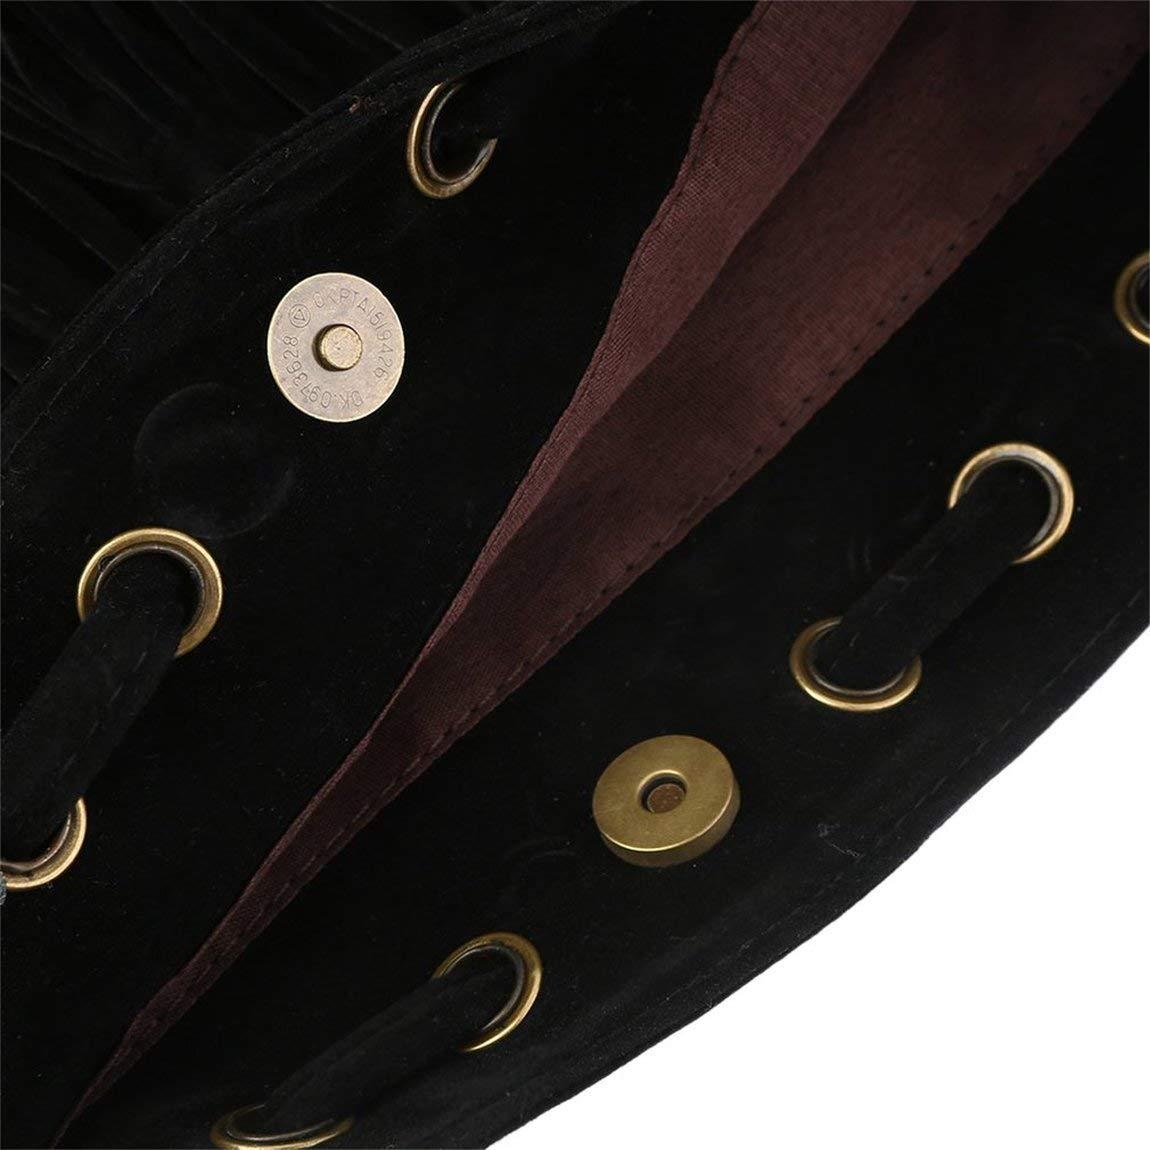 73JohnPol Bolso bandolera bandolera de gamuza de flecos de flecos de gamuza de flecos de gamuza Conveniente cord/ón con cord/ón bolsa de citas de compras etc negro